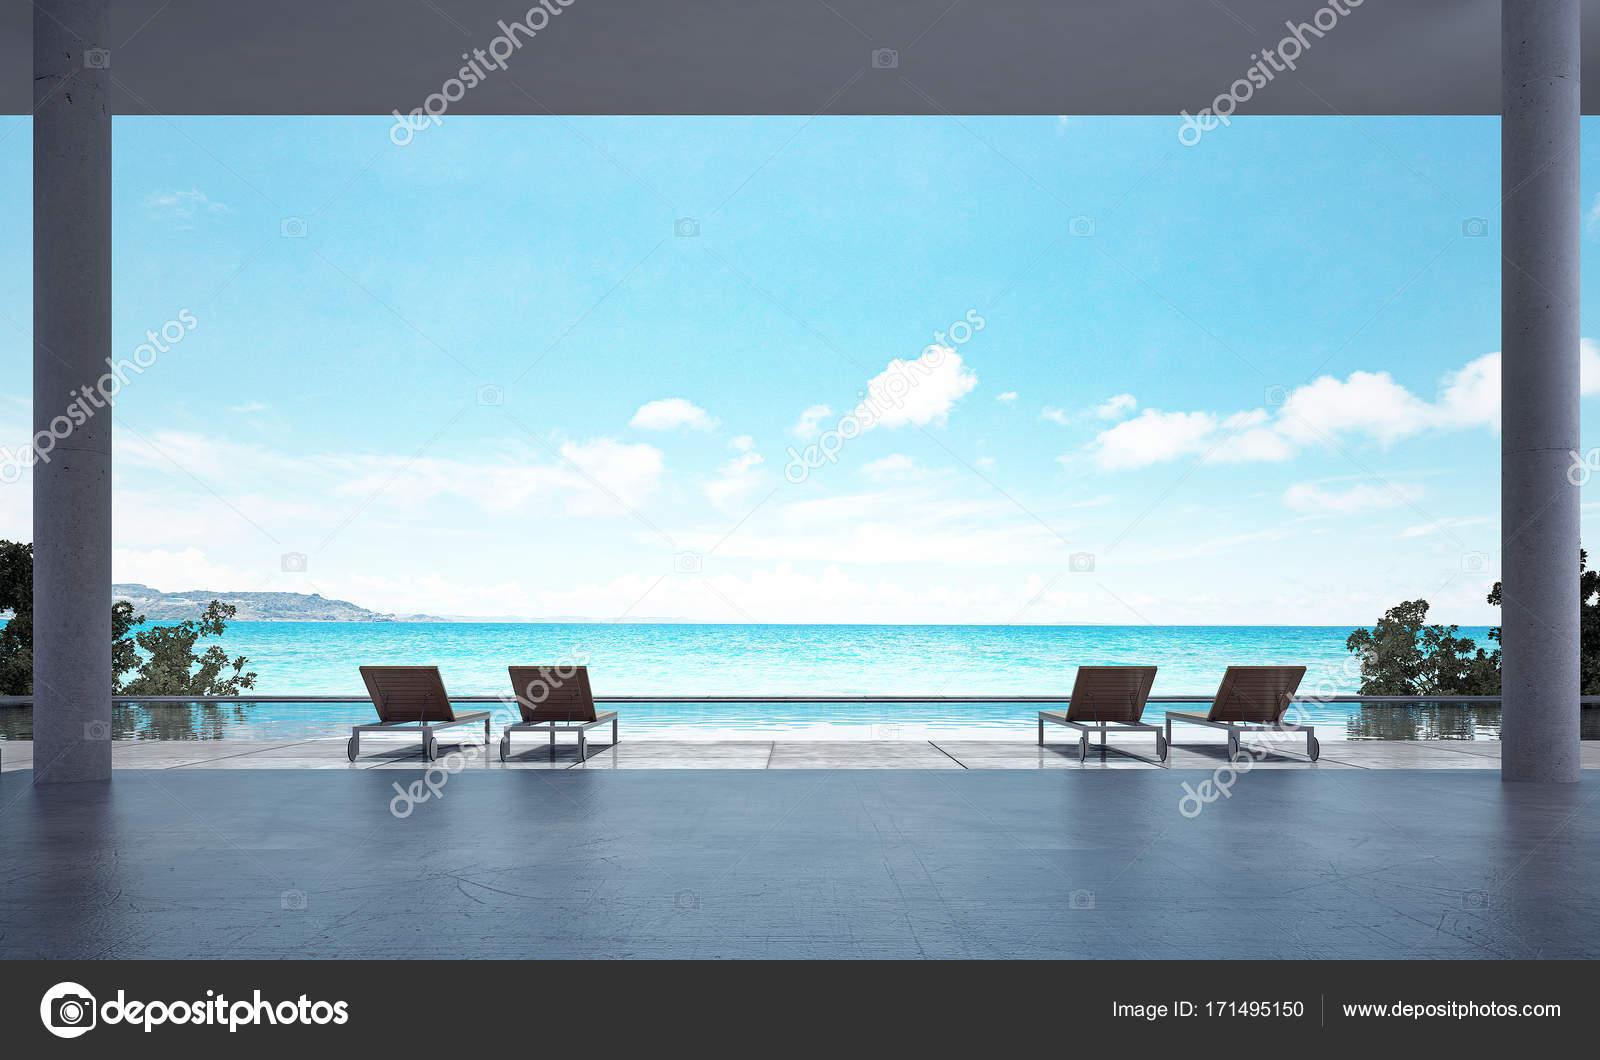 Het interieur design concept idee van strandlounge leven gebied en